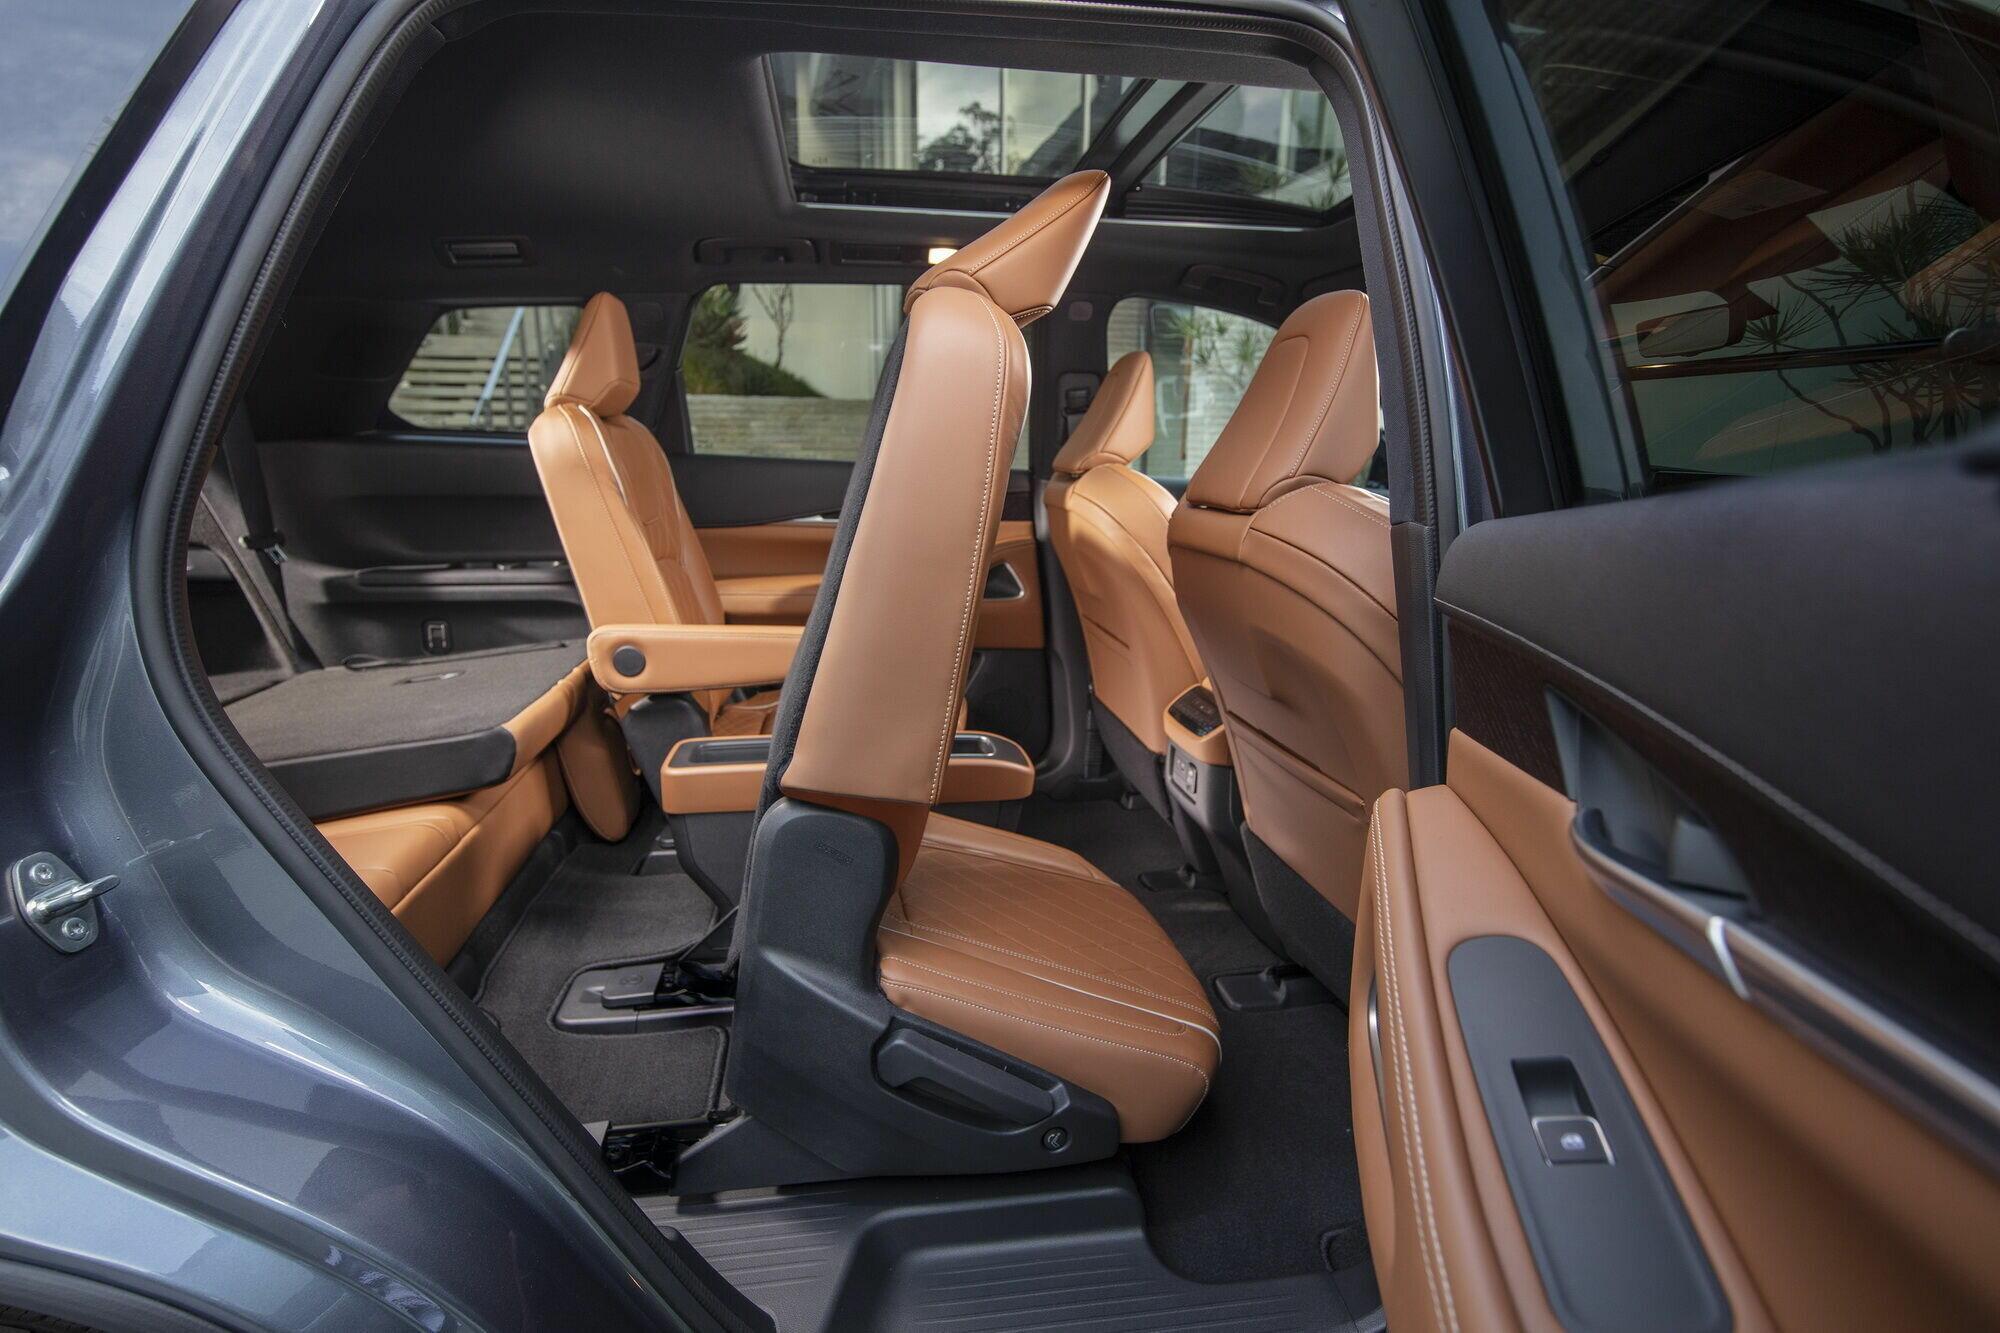 Покупатели могут заказать 6- или 7-местную конфигурацию салона – с двумя индивидуальными креслами во втором ряду или с трехместным диваном